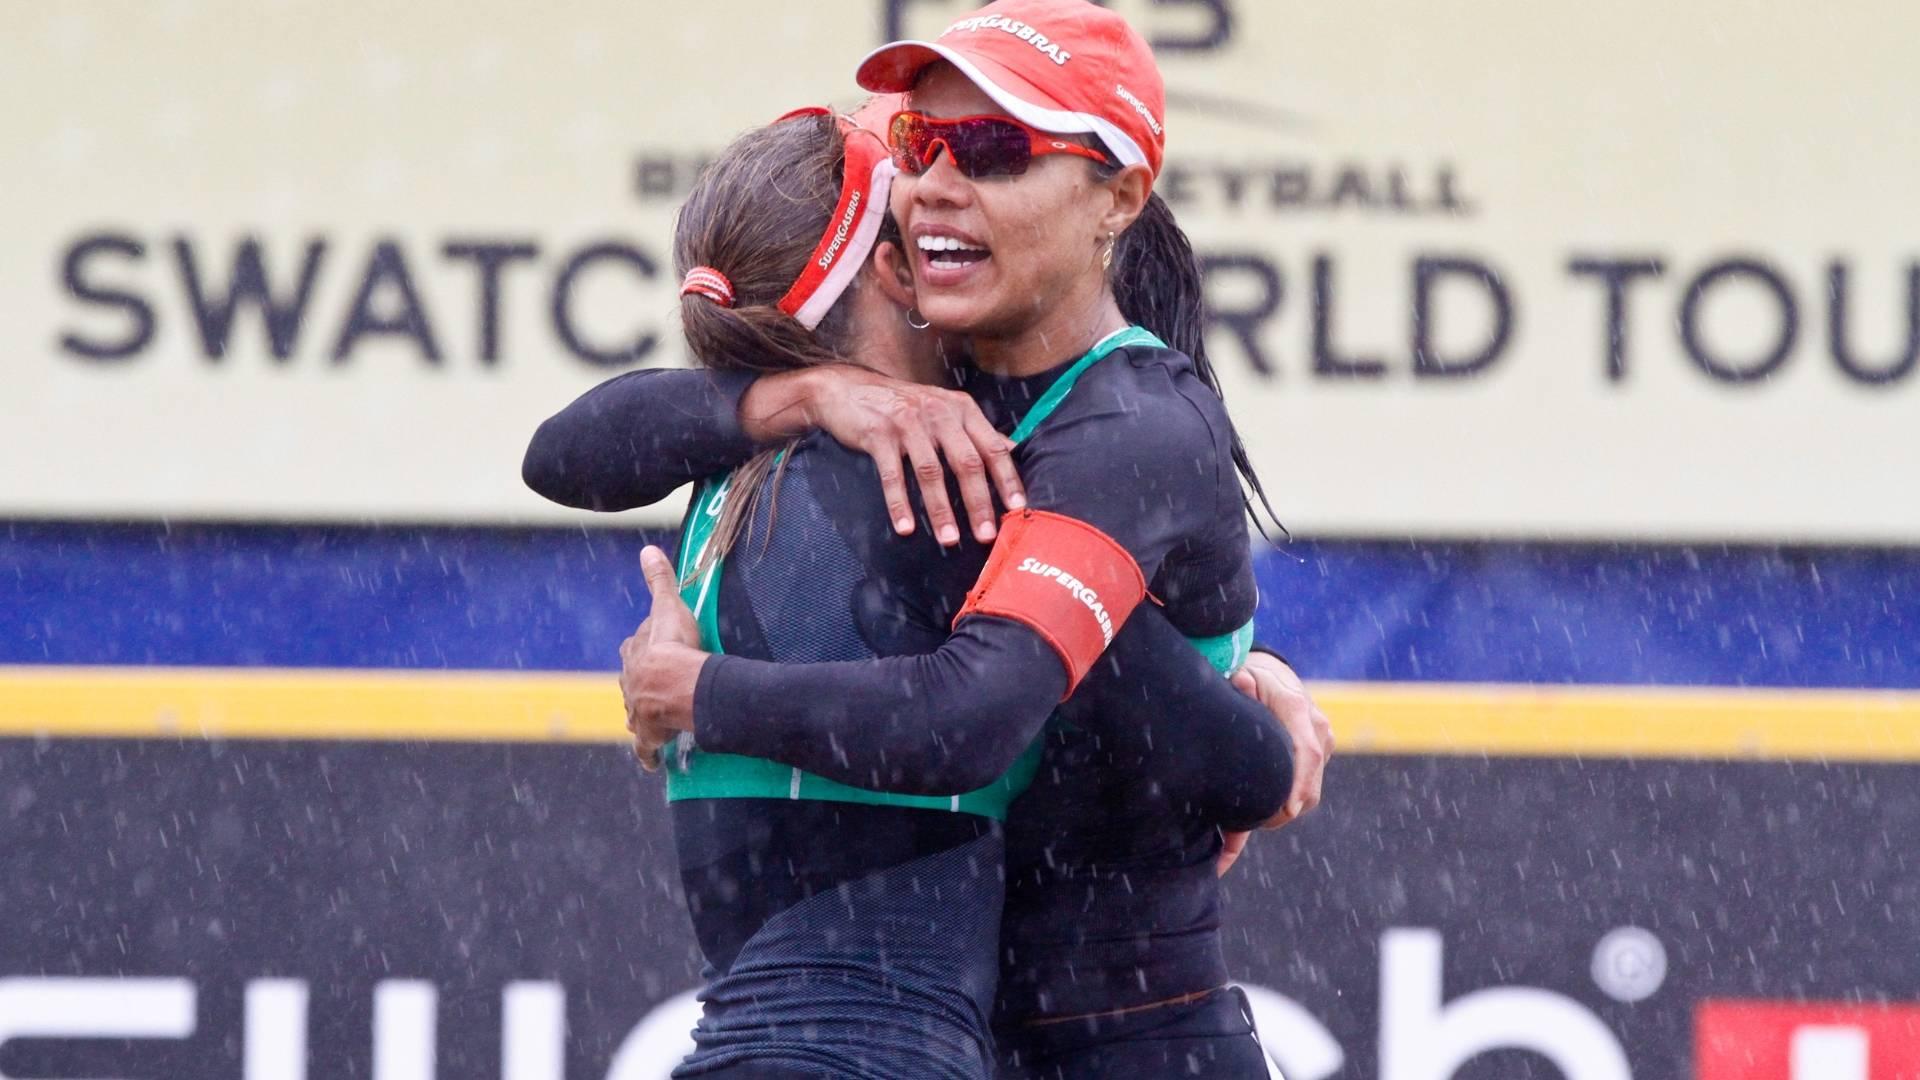 Juliana e Larissa comemoram título na etapa da Holanda do Circuito Mundial (28/08/2011)